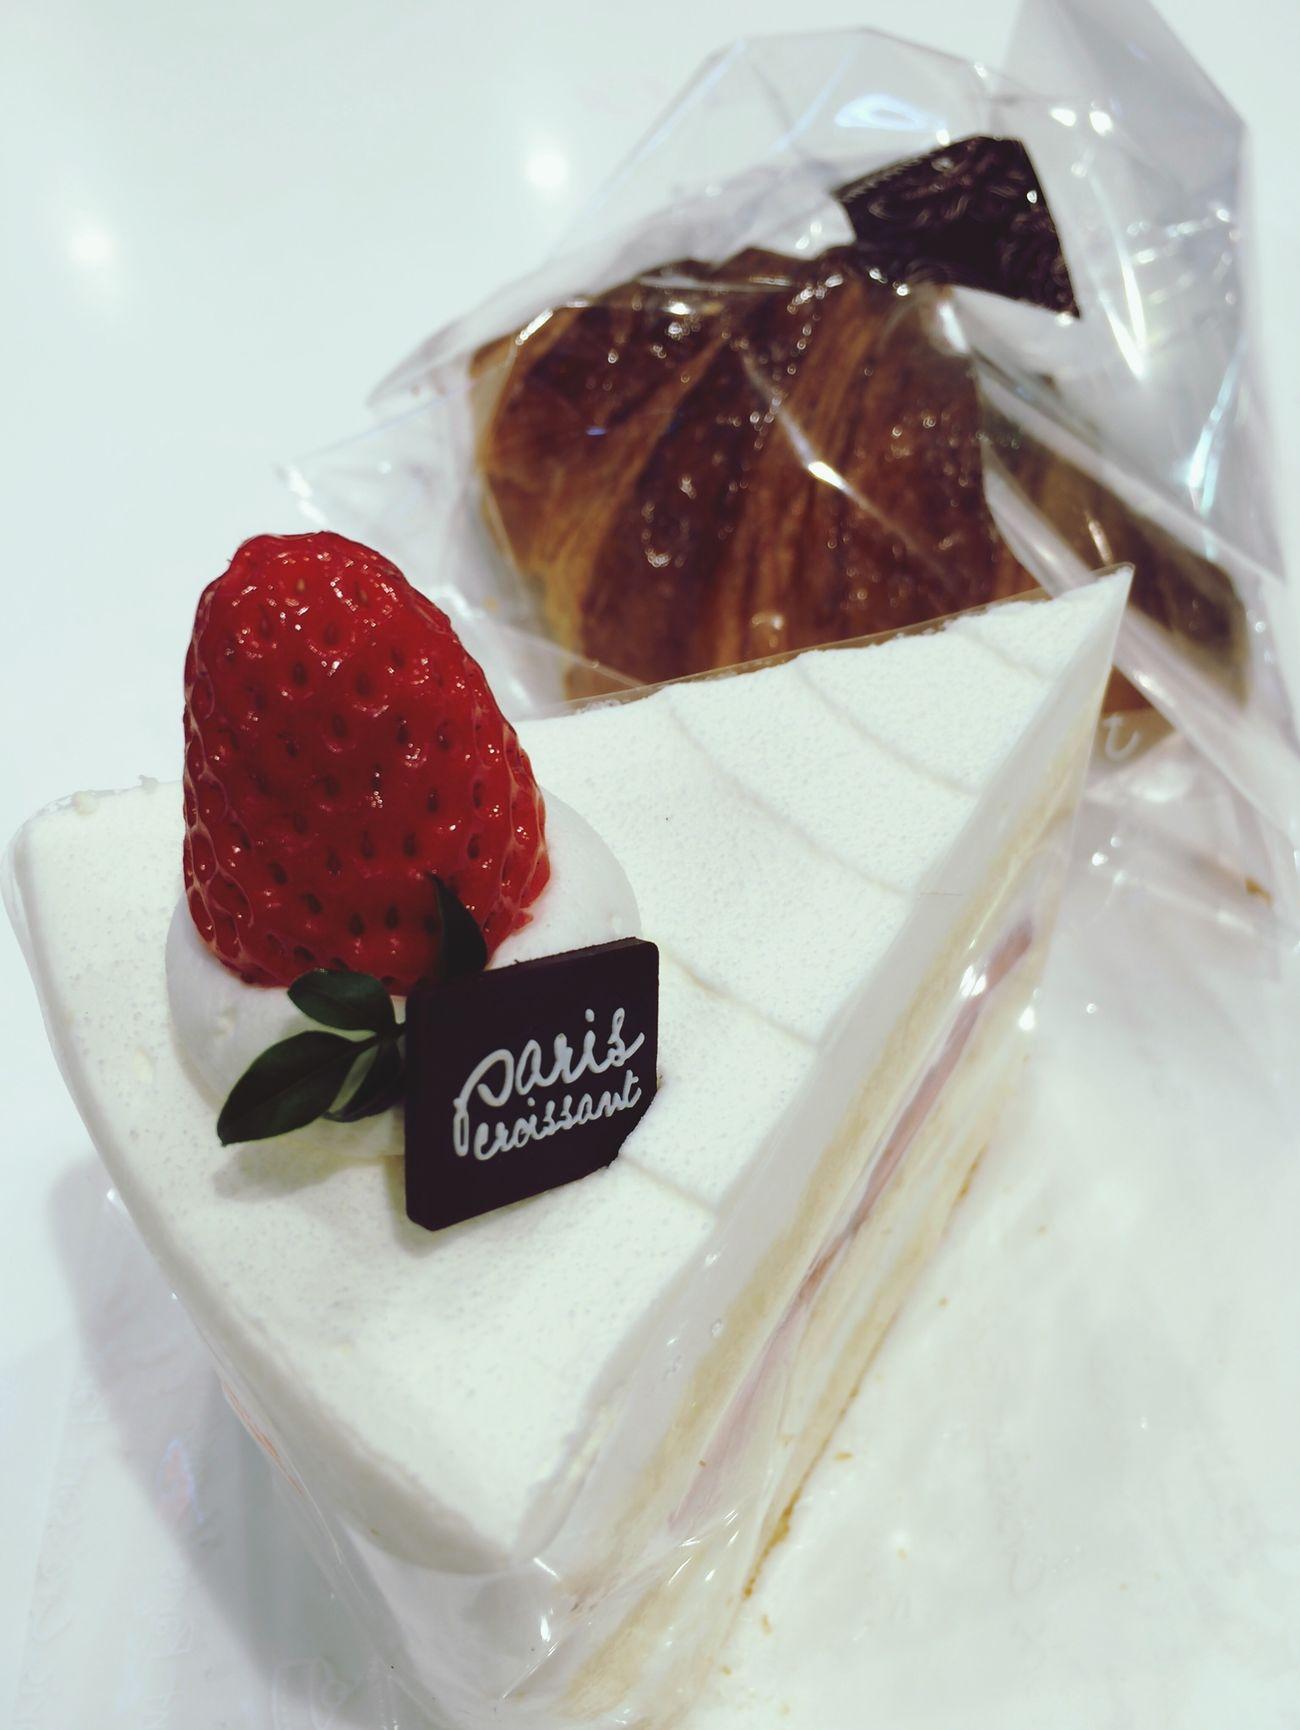 파리크라상 Cake Strawberry Cake Hello World EyeEm Best Shots 사랑니빼기 전 많이 먹어둬야지...무섭다ㅠㅠ